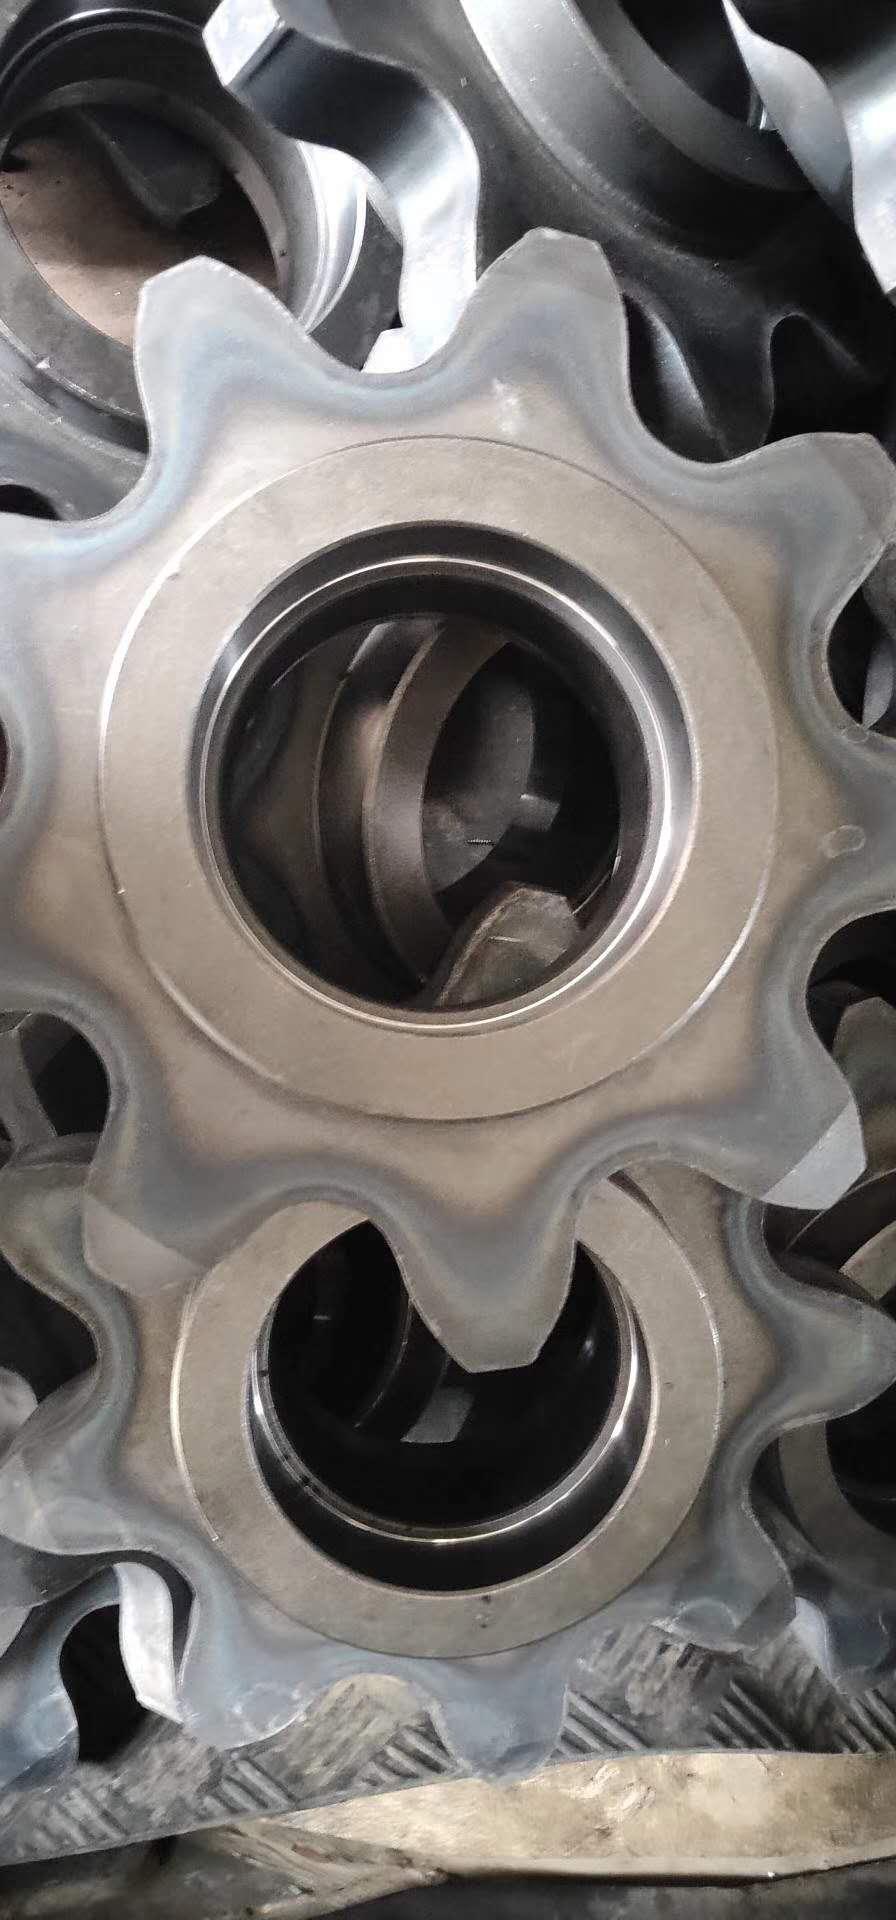 齿轮厂家批发-斜齿轮销售-直齿轮厂家热销-调质齿轮厂家供应-齿轮现货-齿轮生产厂家-齿轮价钱